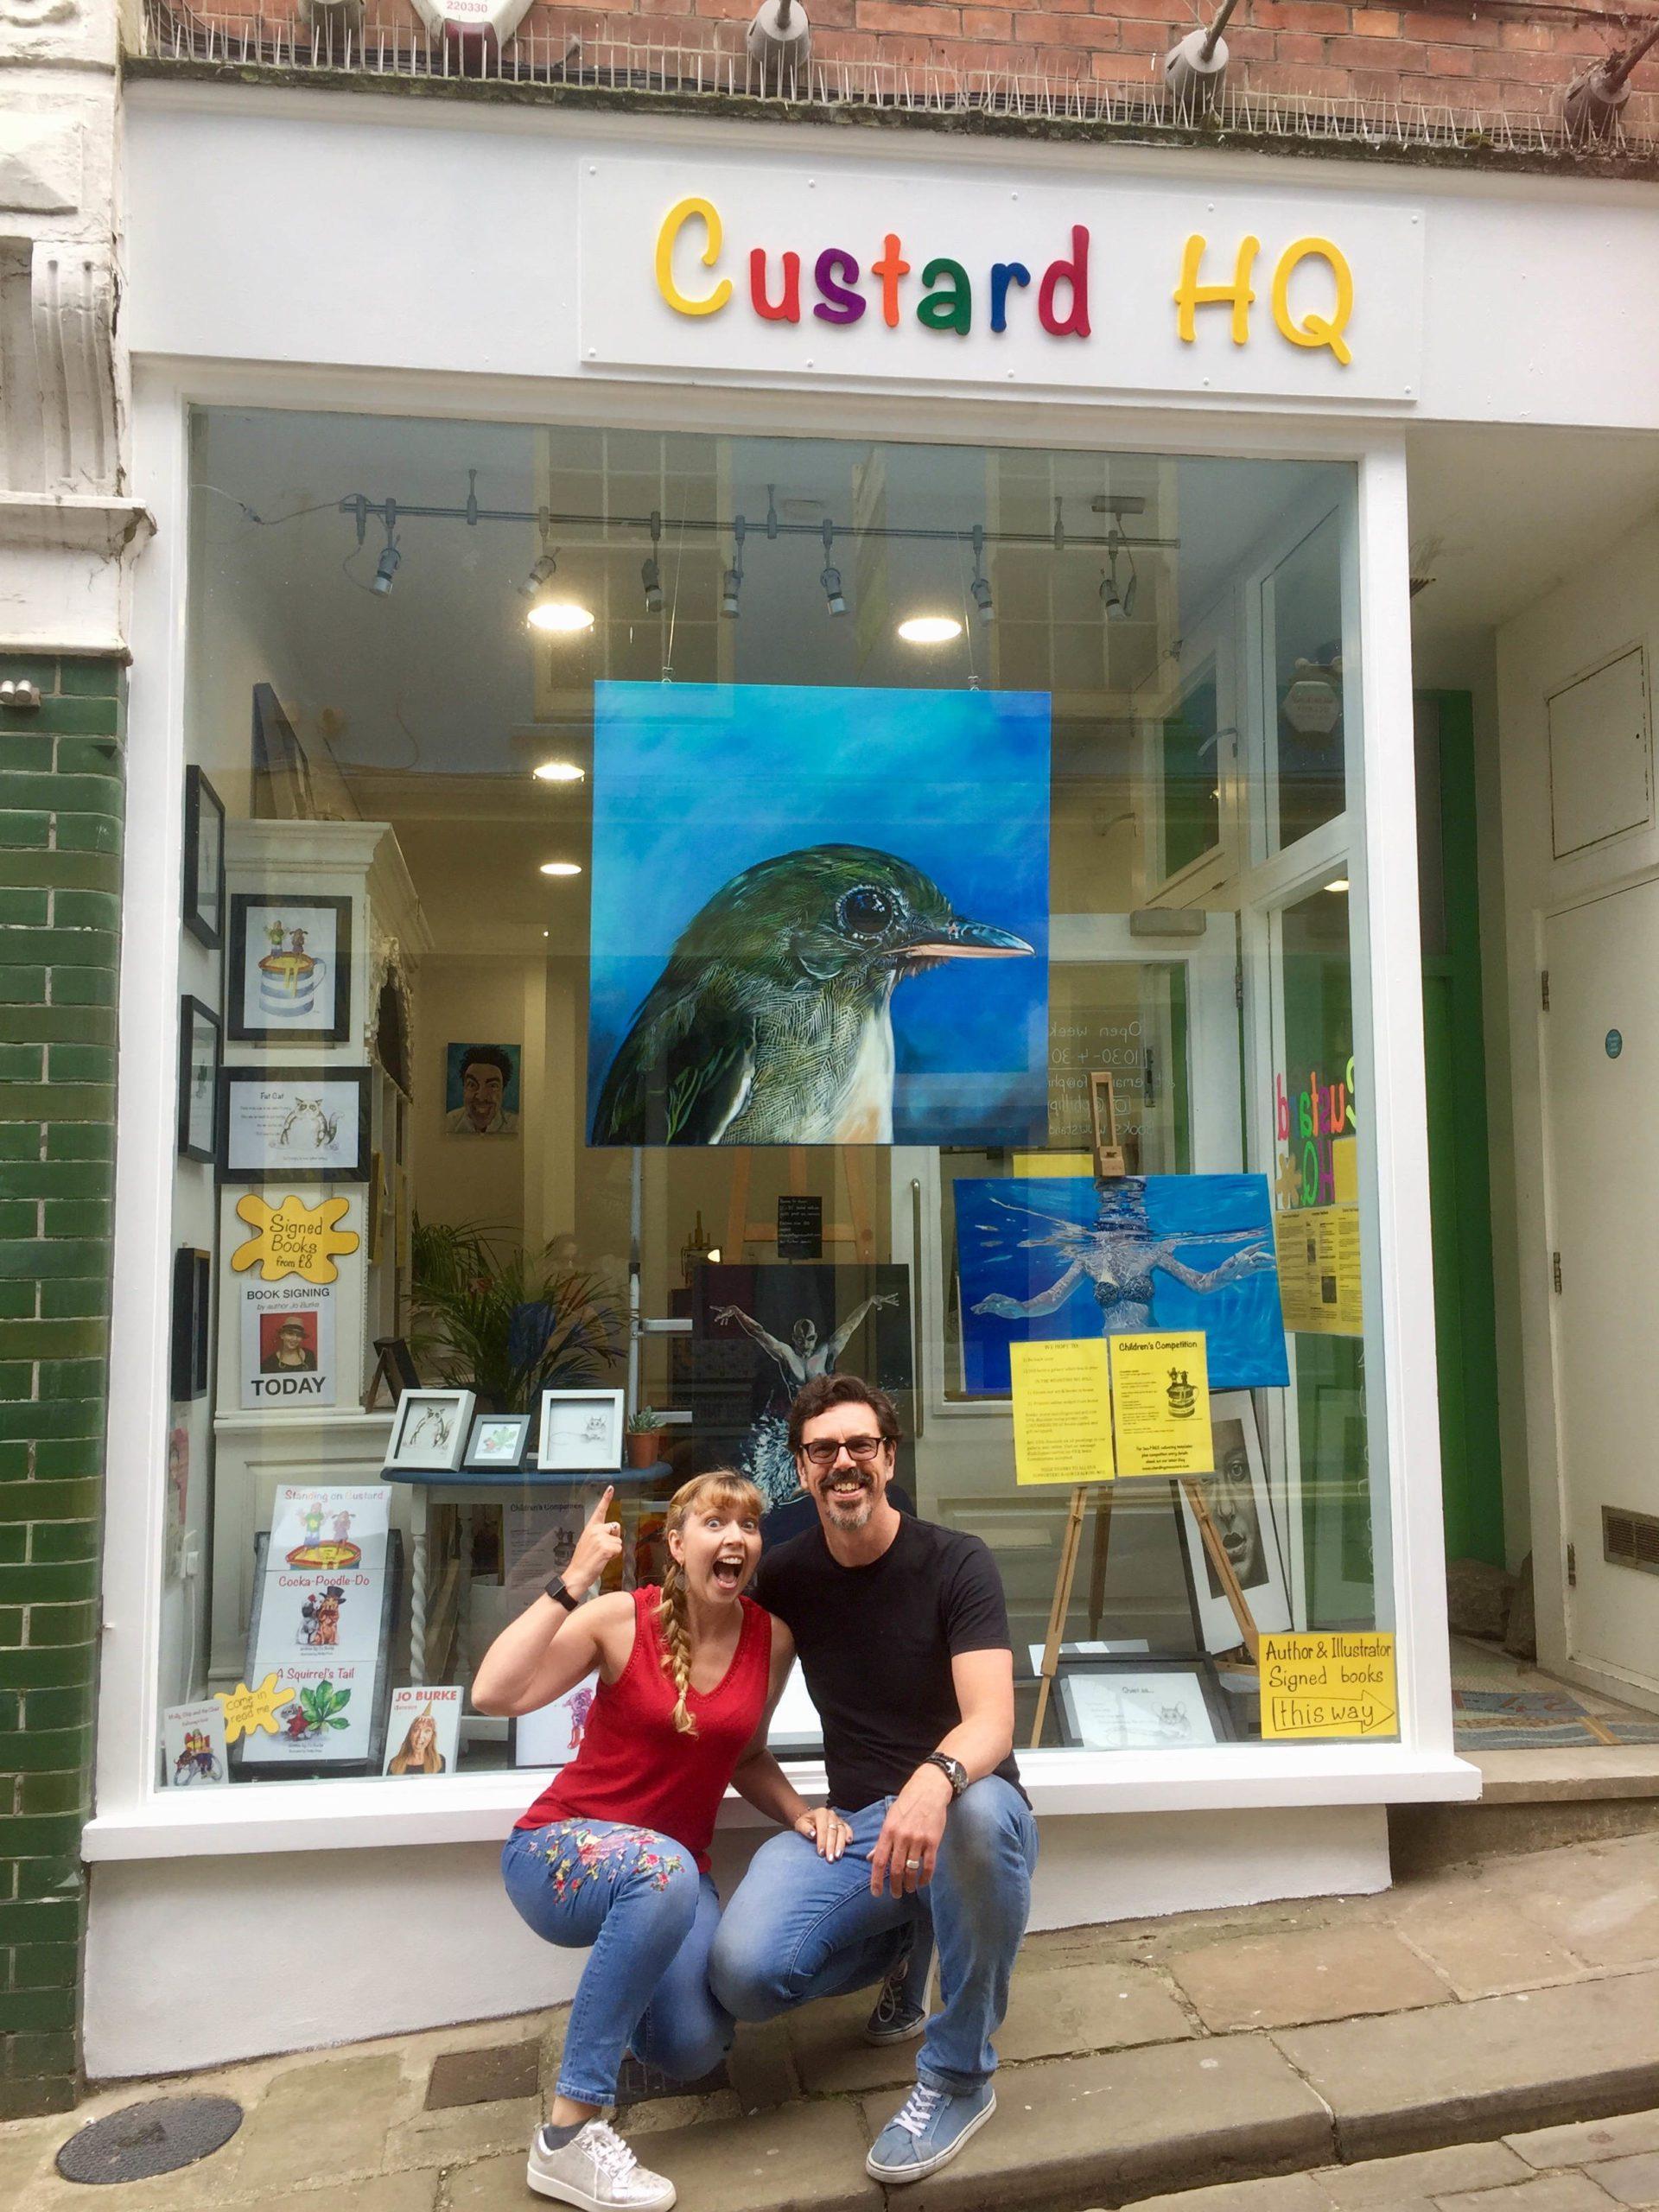 Custard HQ